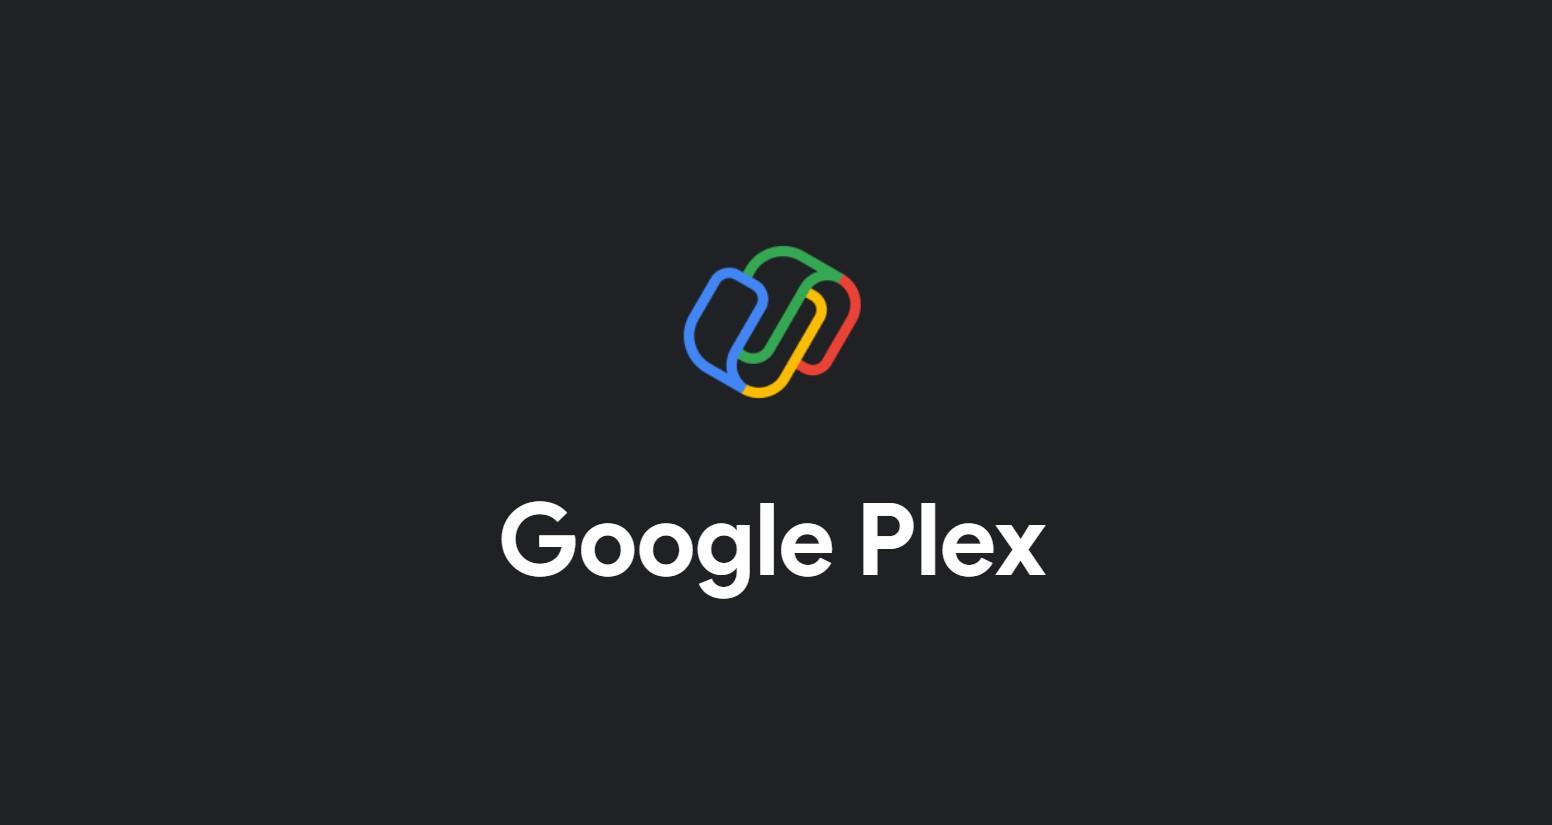 Google Plex je odpovědí na Apple Card